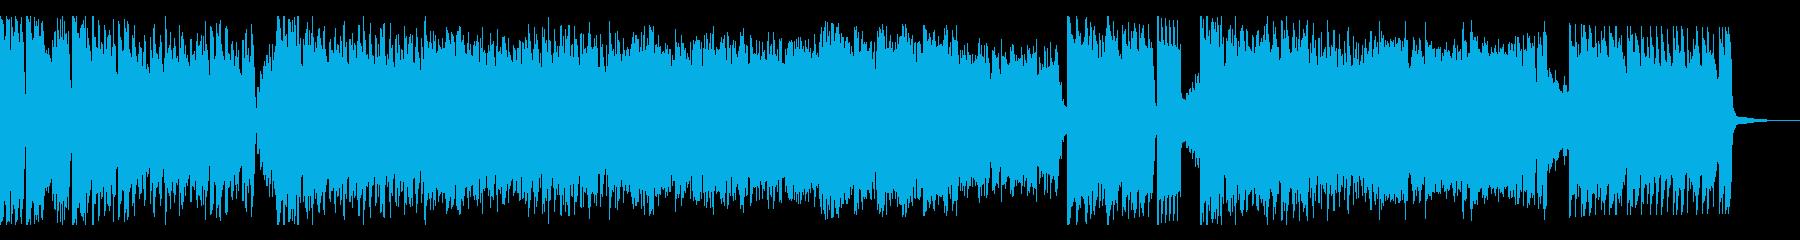 大人っぽくてノリのいいフルート曲の再生済みの波形